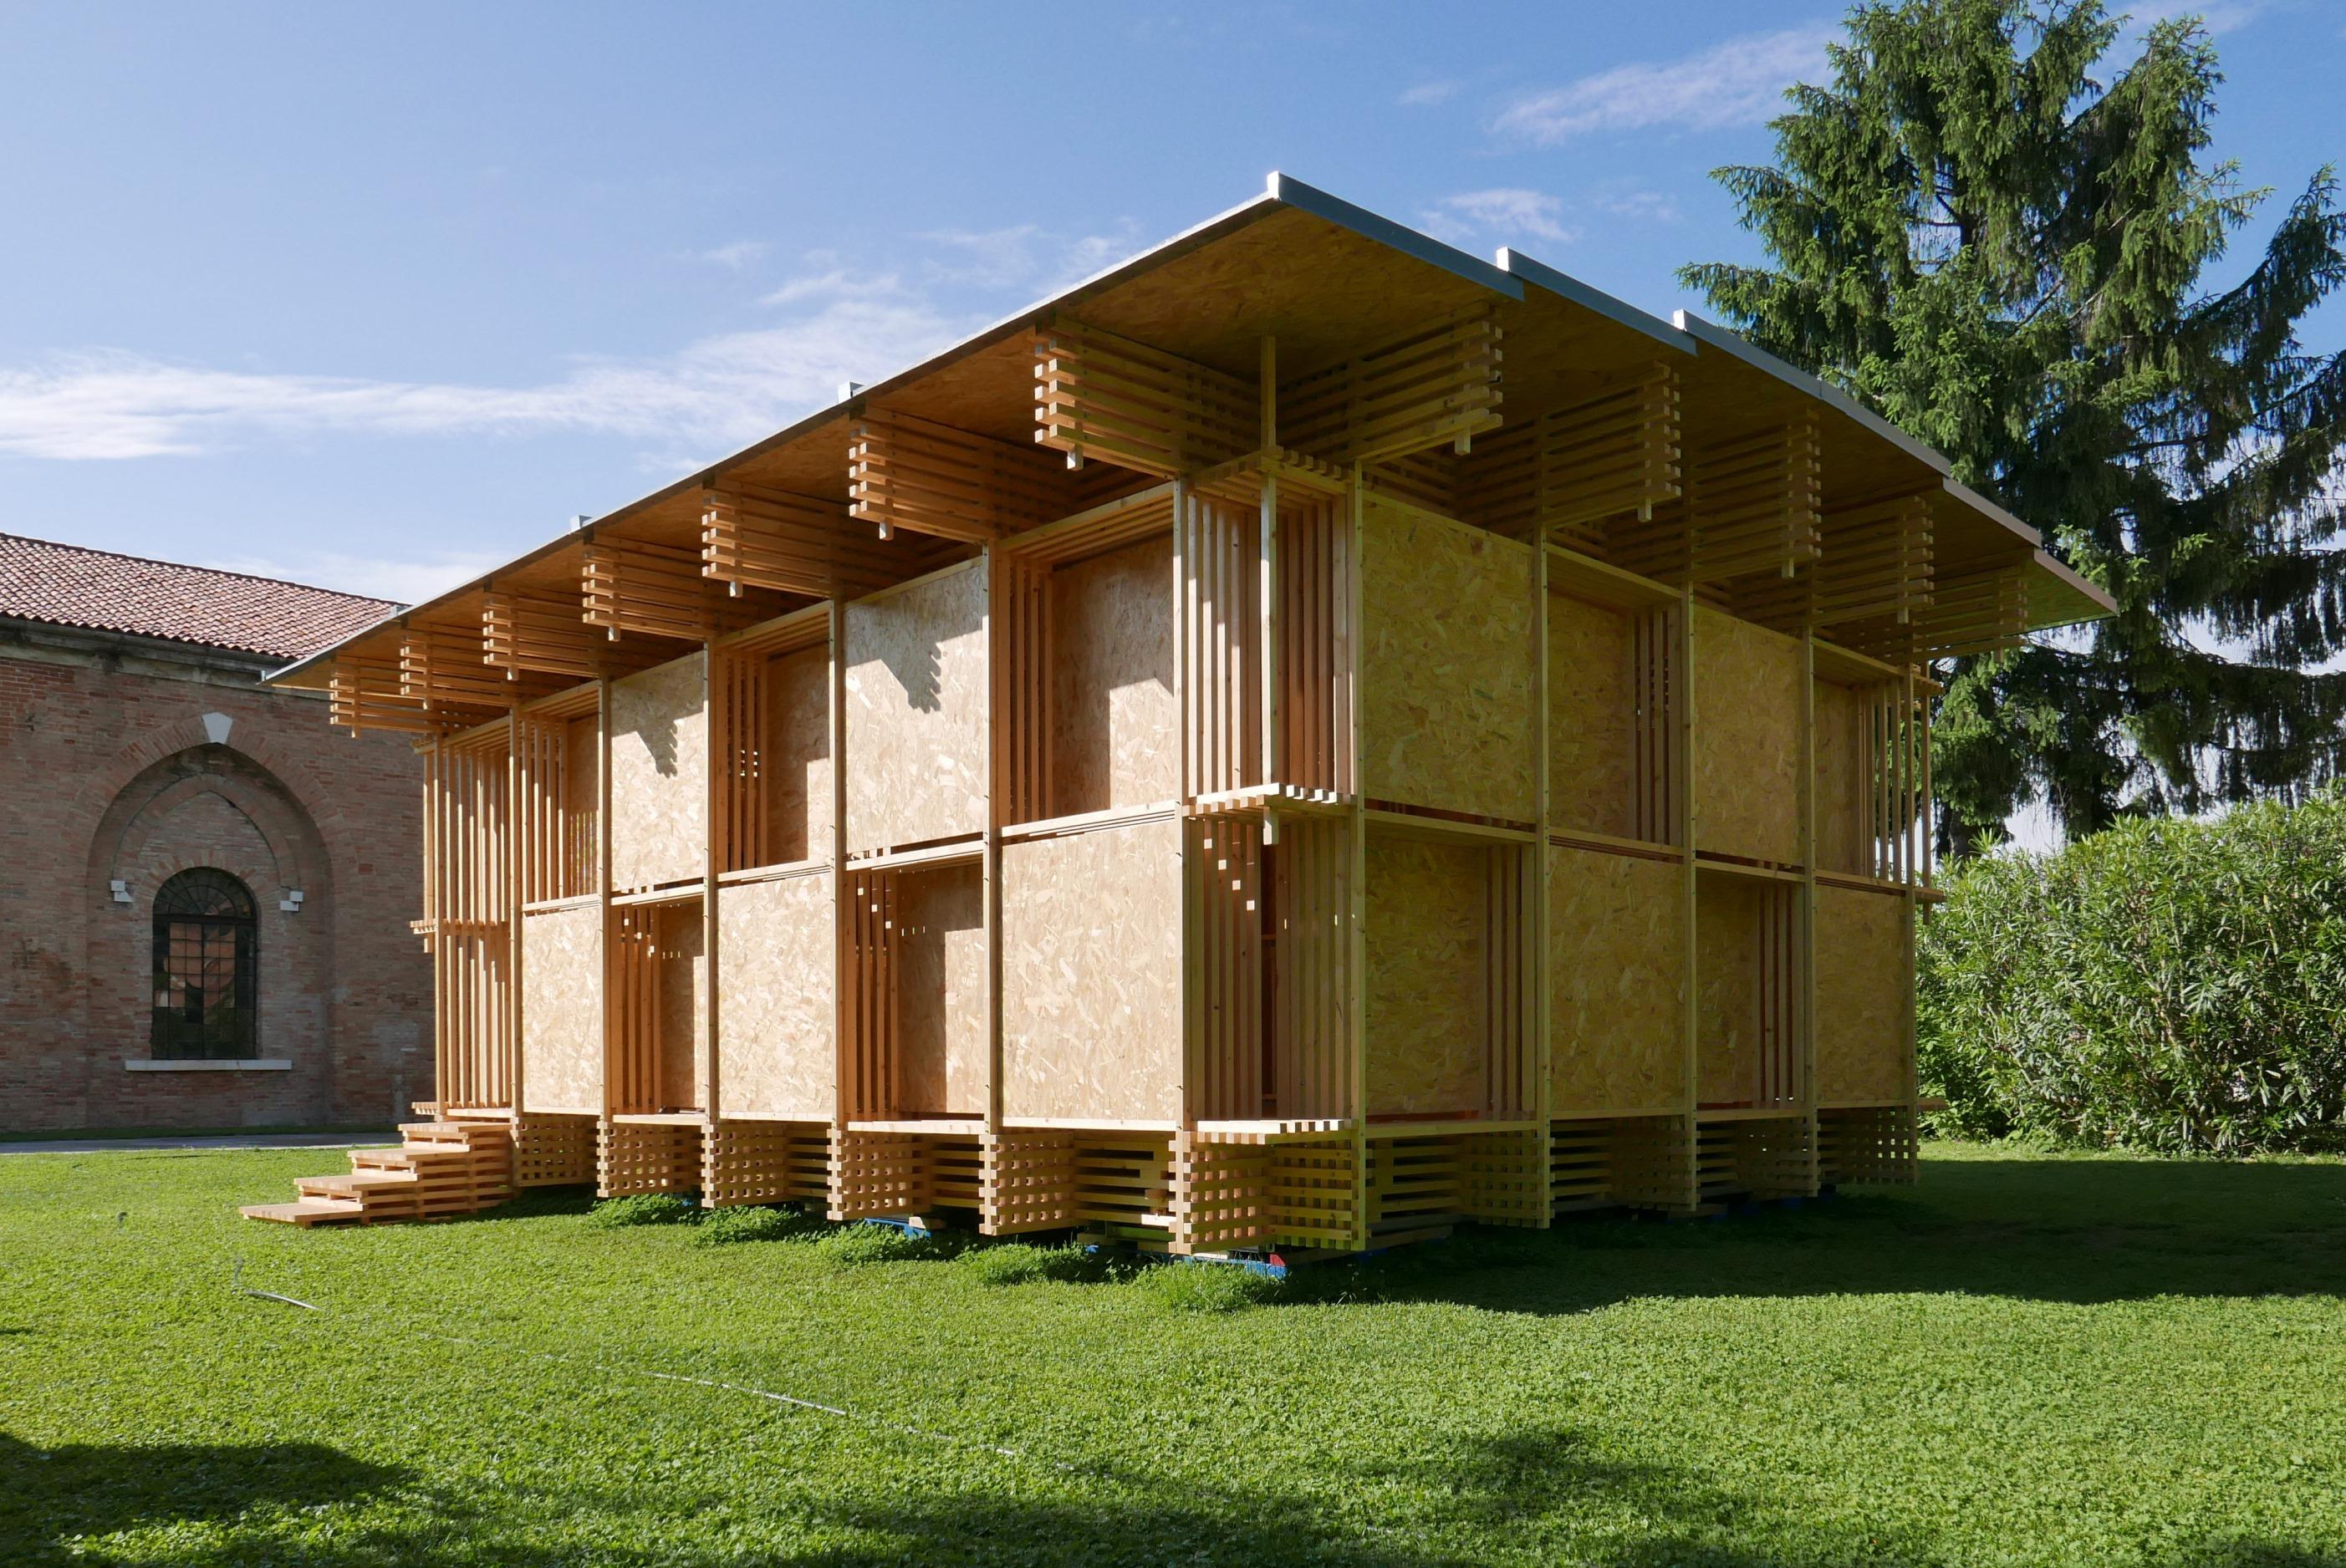 中大建筑学院朱竞翔教授设计的「斗室」在威尼斯国际建筑双年展备受瞩目。